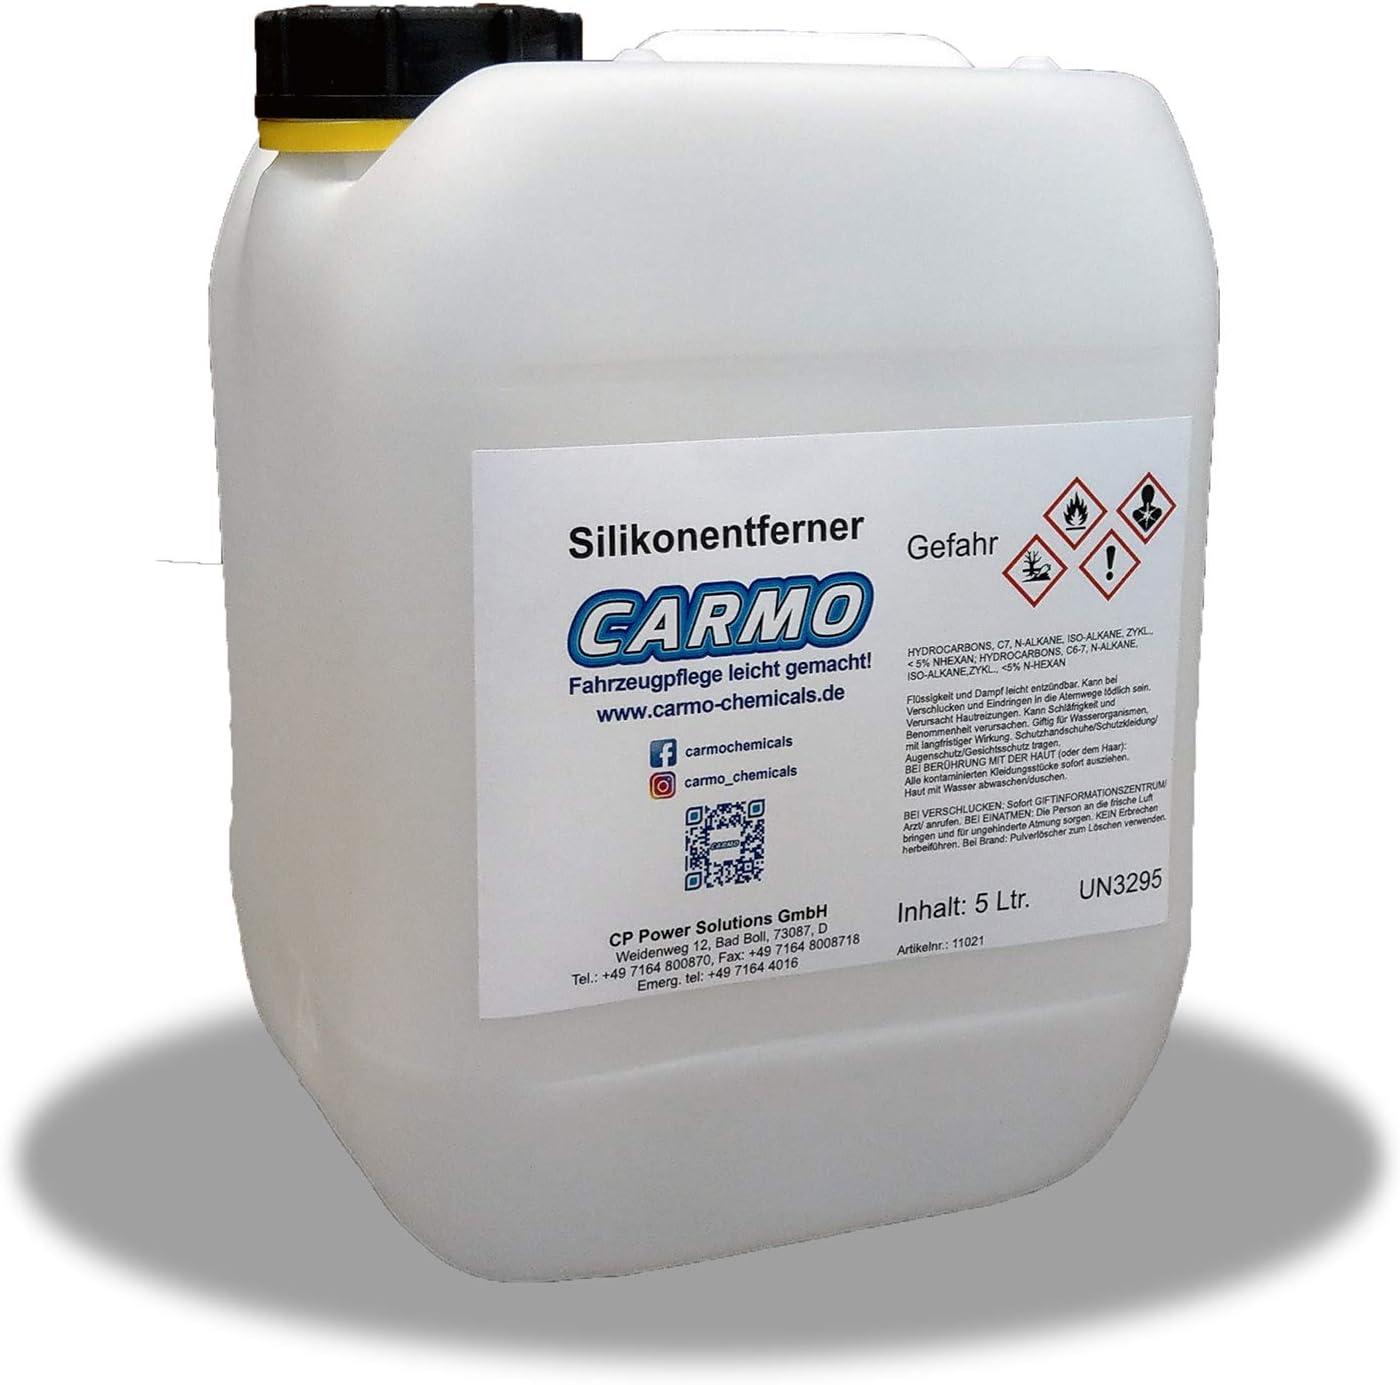 Carmo Silikonentferner Lackreiniger Entfetter Acetonfrei Nicht Korrosiv Hohe Reinigungskraft Entfernt Silikone Fette Öle Polierrückstände Restwachse Uvm 5 Liter Kanister Auto